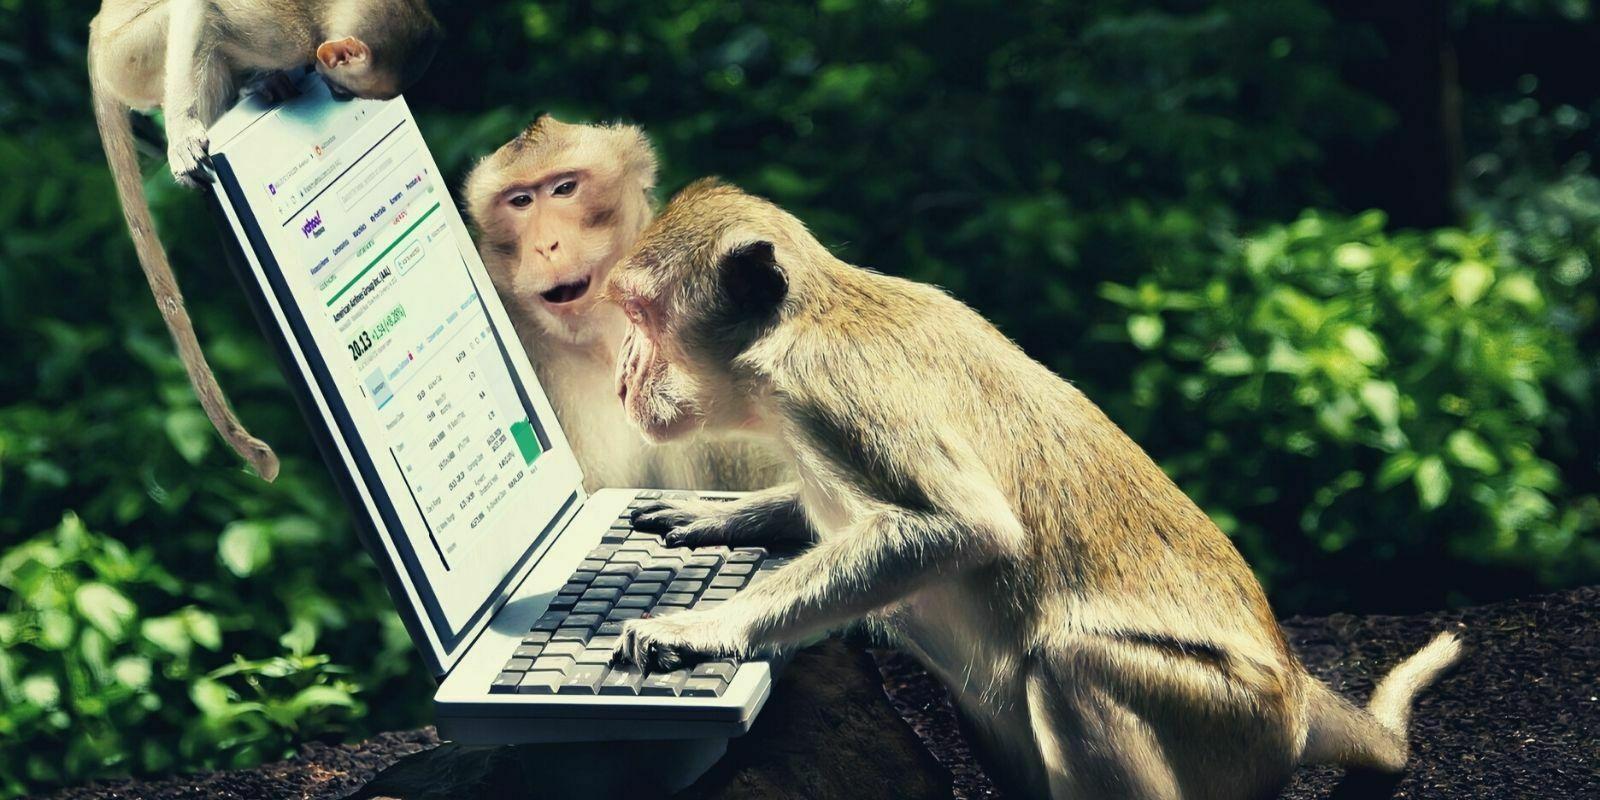 Avec la tendance actuelle du marché, jusqu'où ira la « Ape » ?